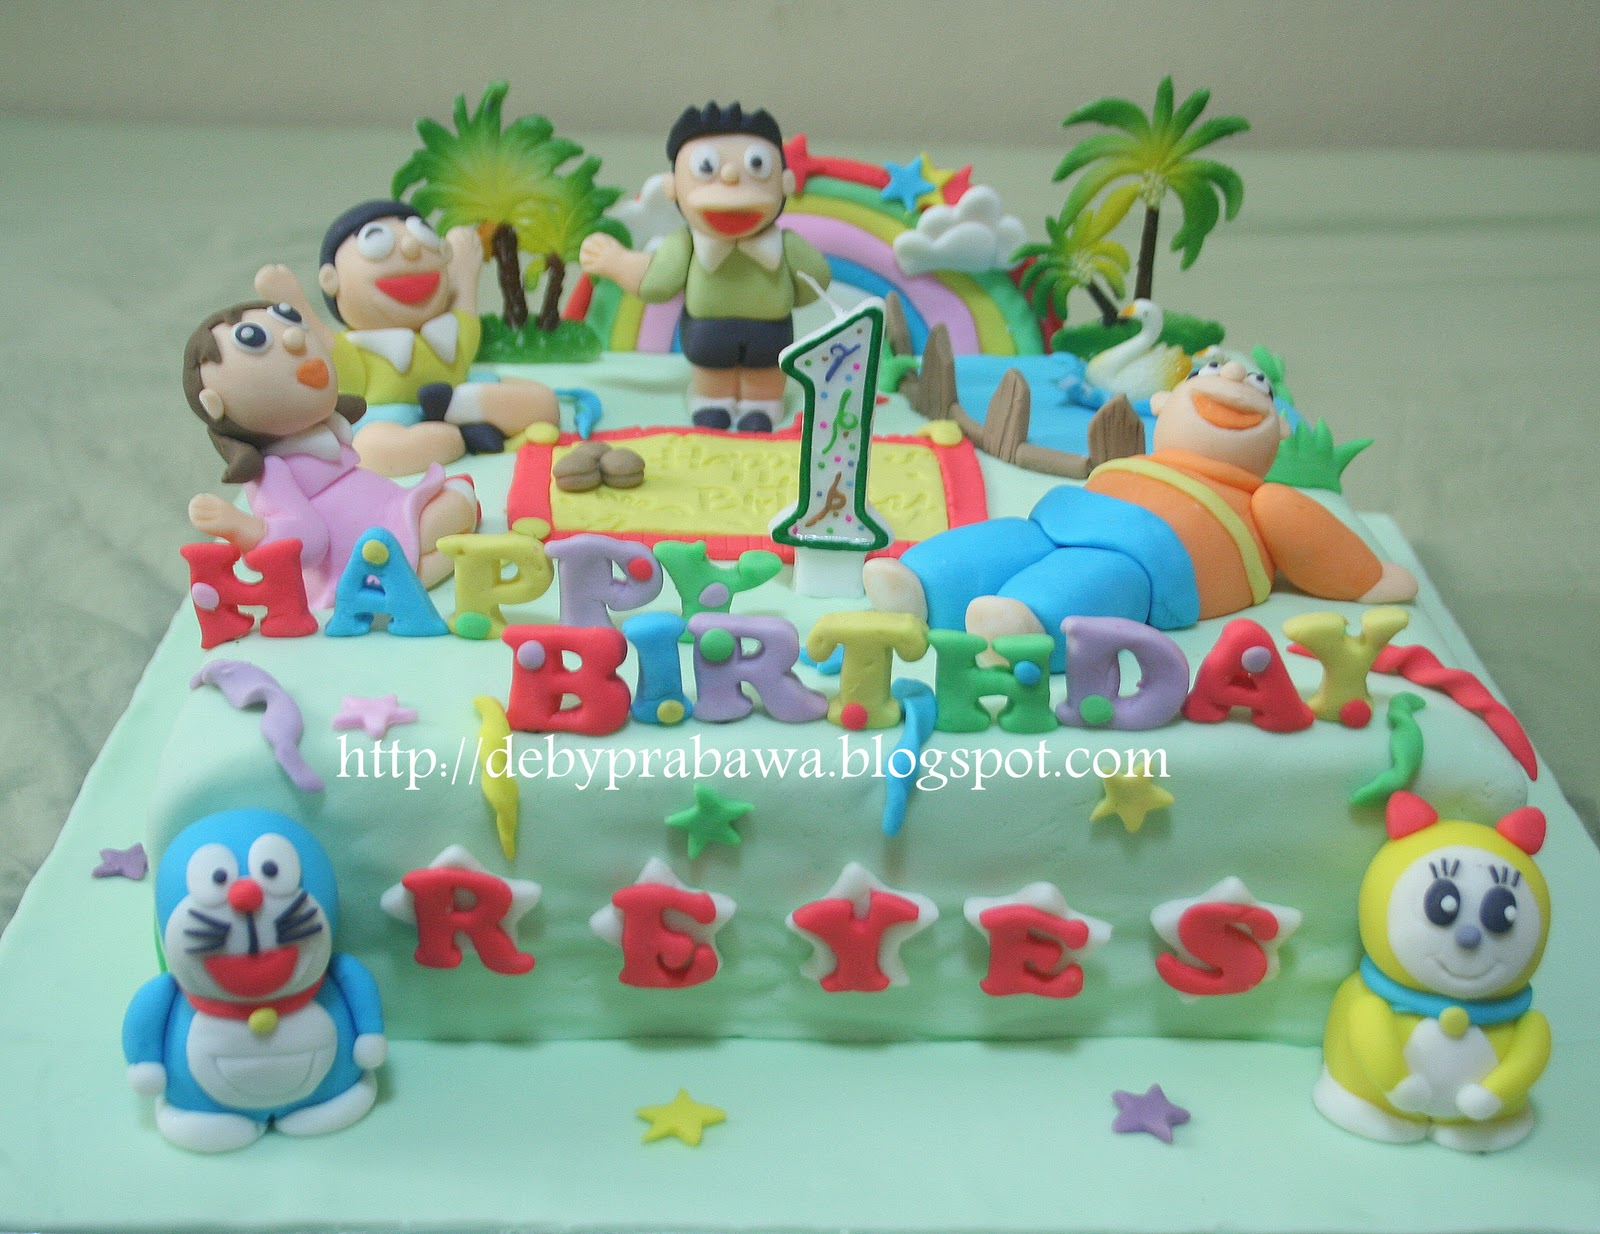 Cake Design Doraemon : Butterfly Cake: Doraemon and friends - 3D Cake